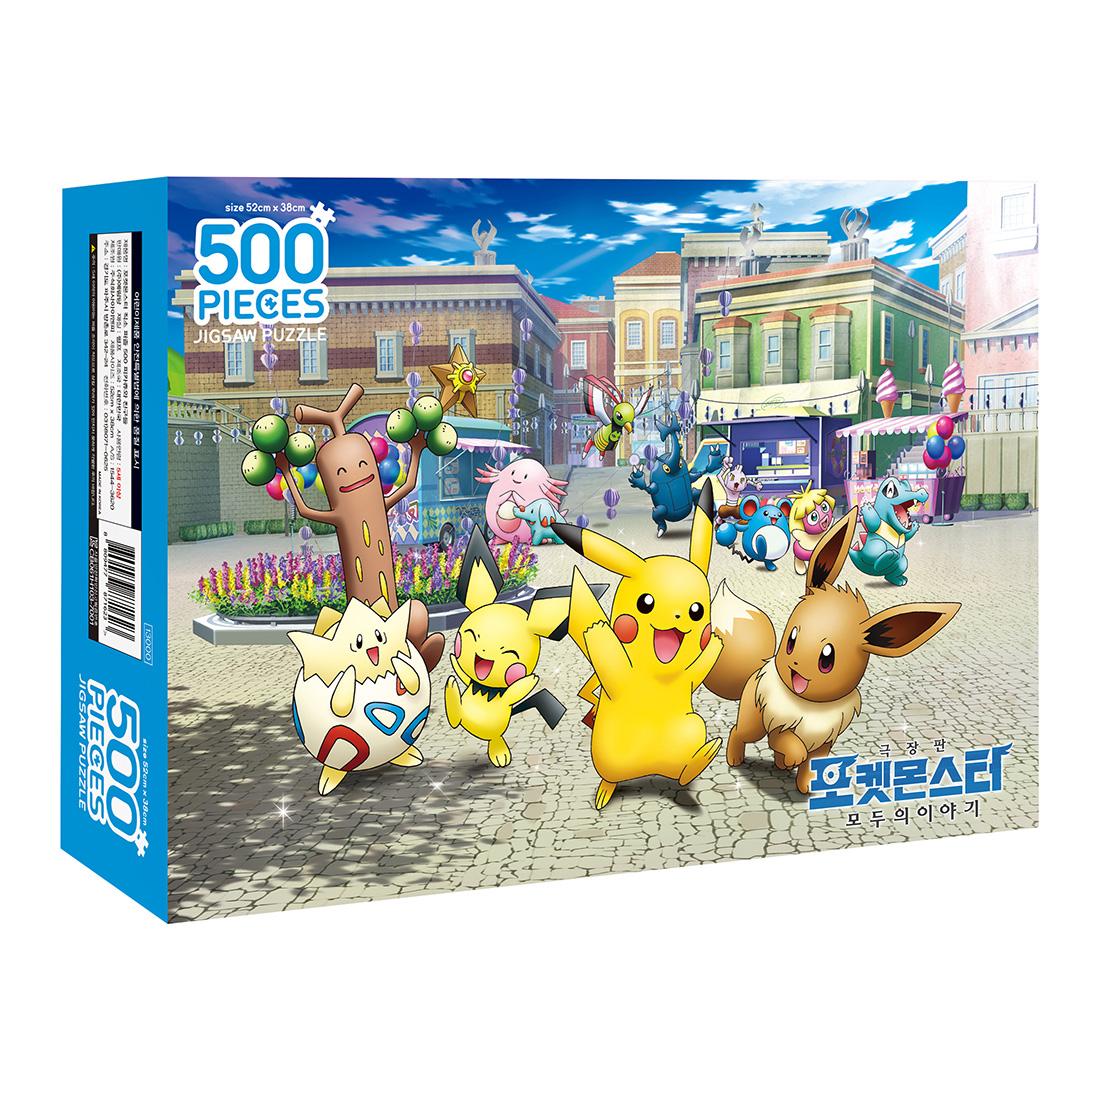 예림당 포켓몬스터 피카츄와 친구들 직소퍼즐, 500피스, 혼합 색상